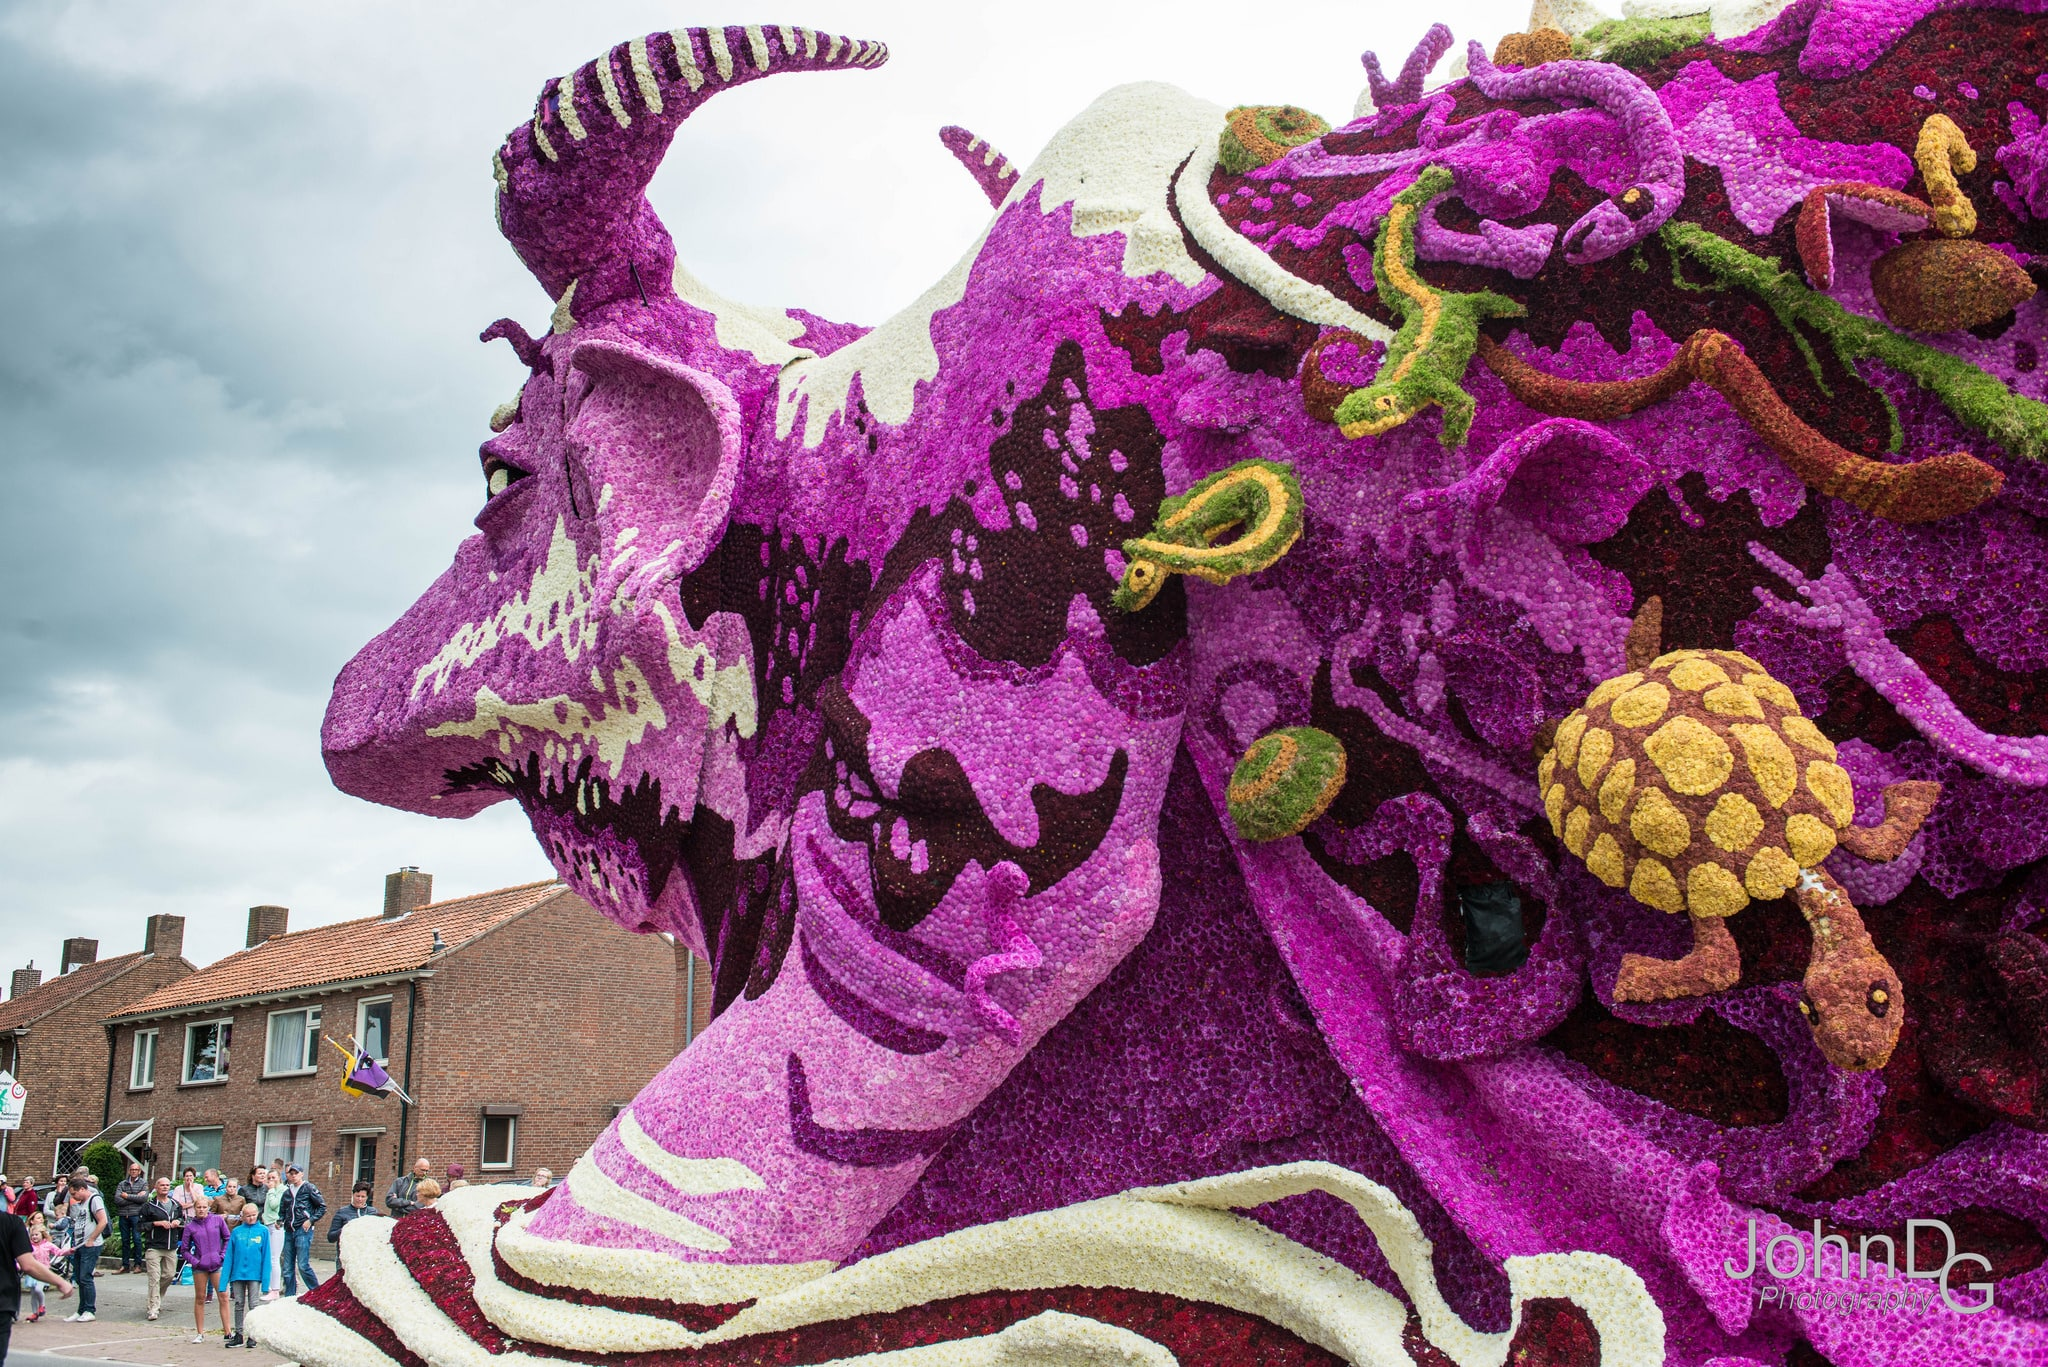 10 гигантских скульптур из цветов на цветочном параде в Нидерландах - 5